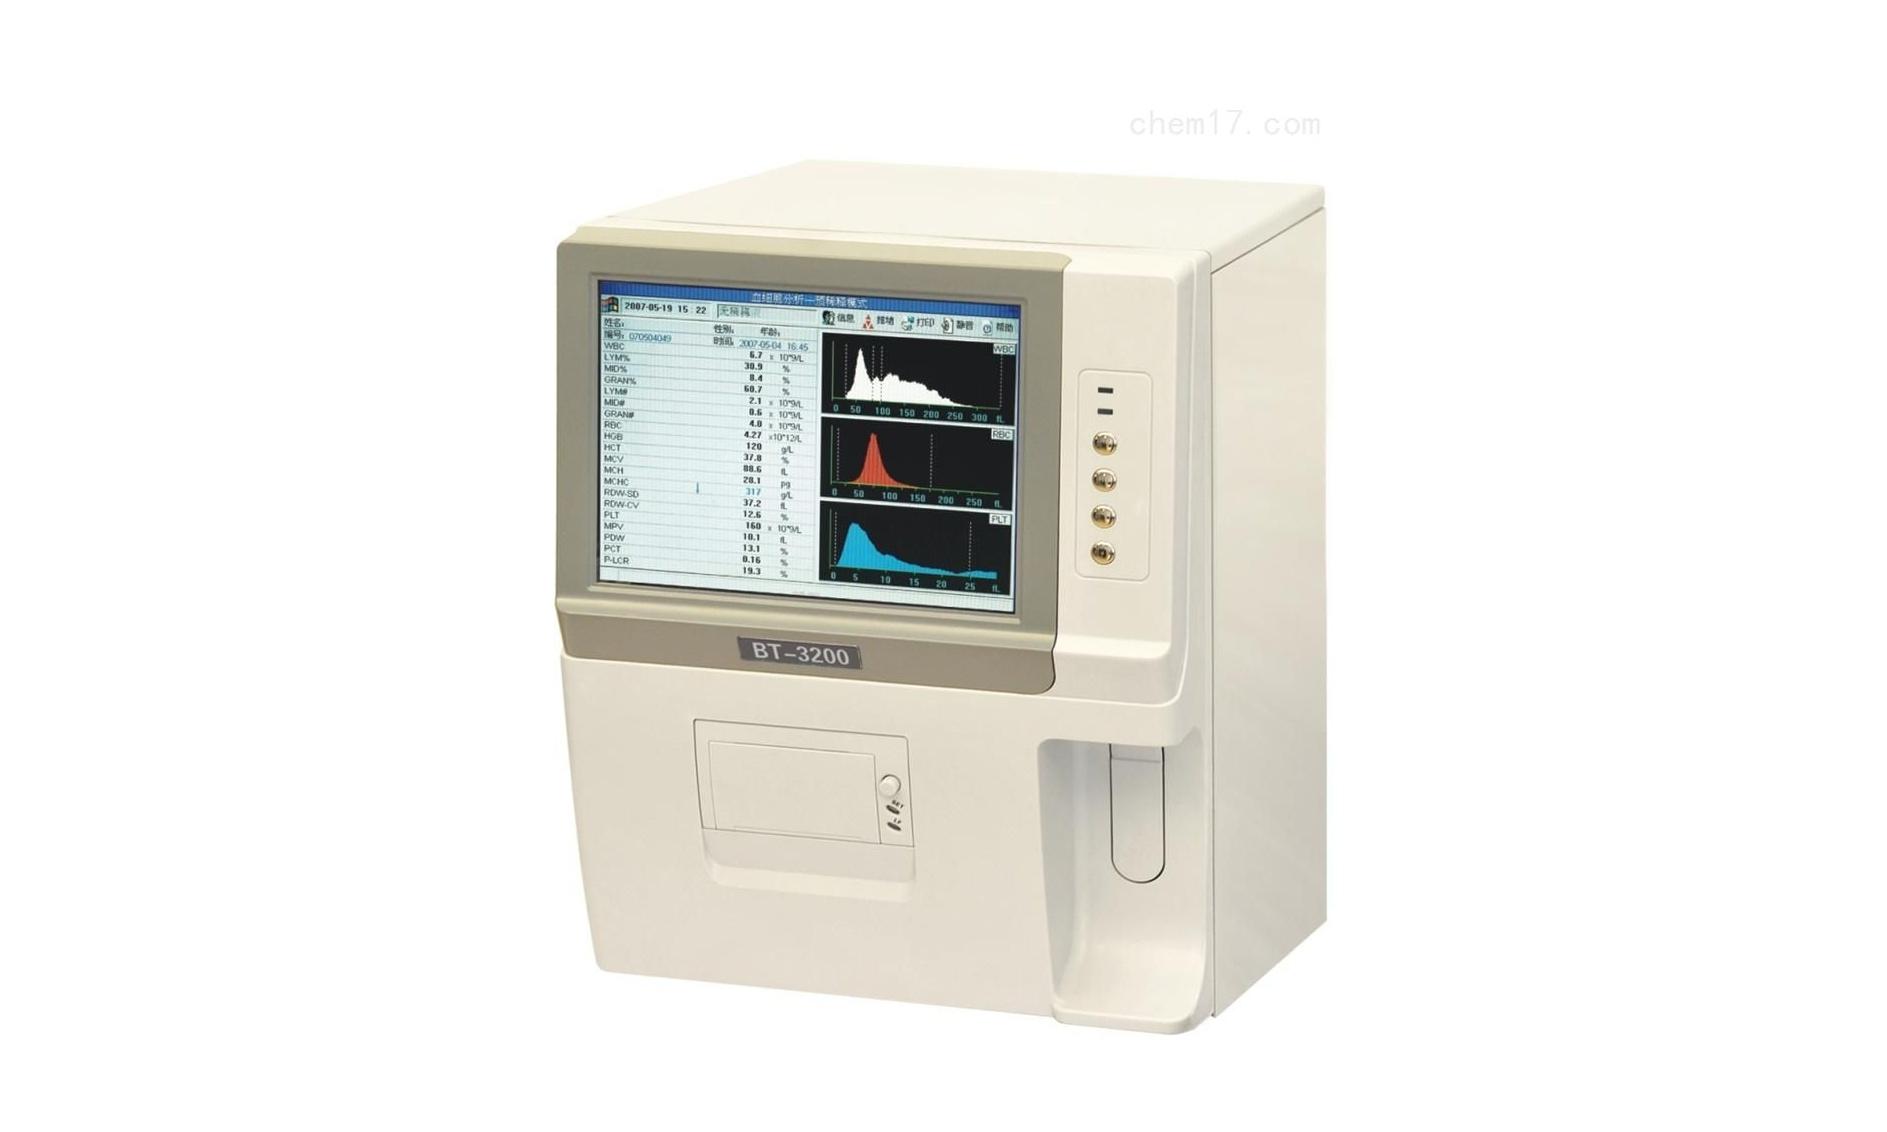 菏泽市妇幼保健院血气分析仪等仪器设备采购项目招标